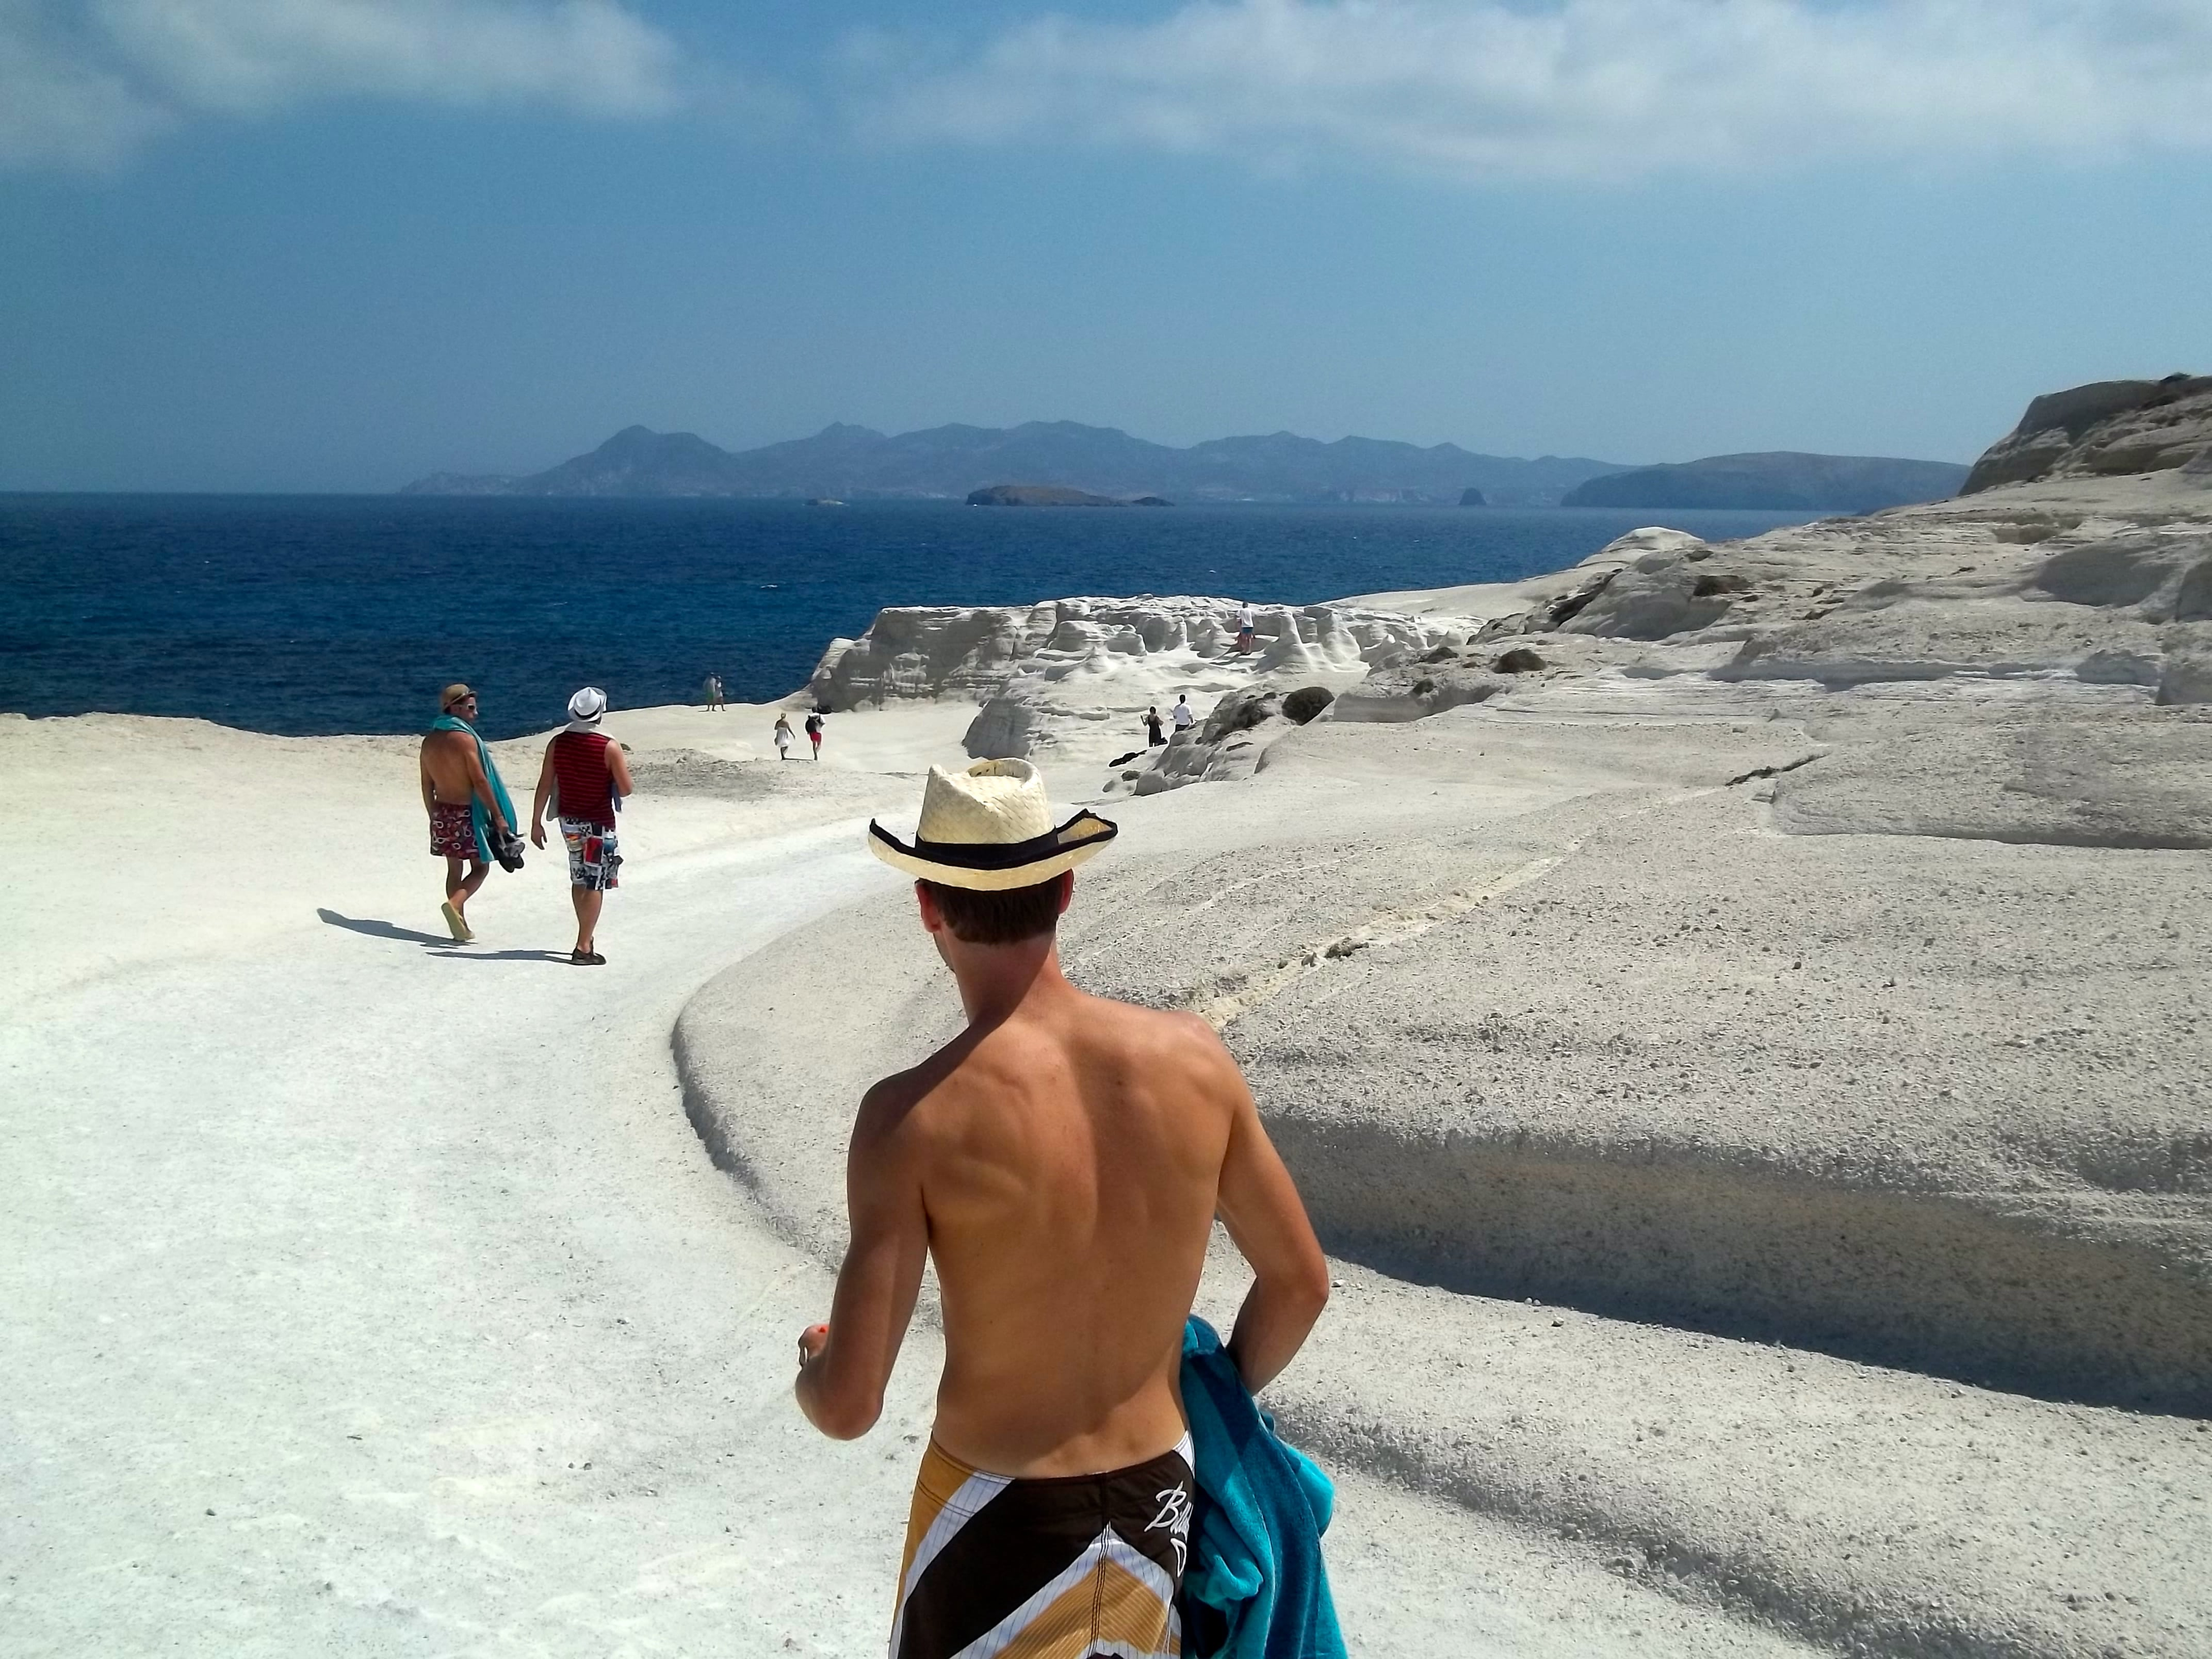 Cómo llegar a la playa de Sarakiniko, en Milos, Grecia